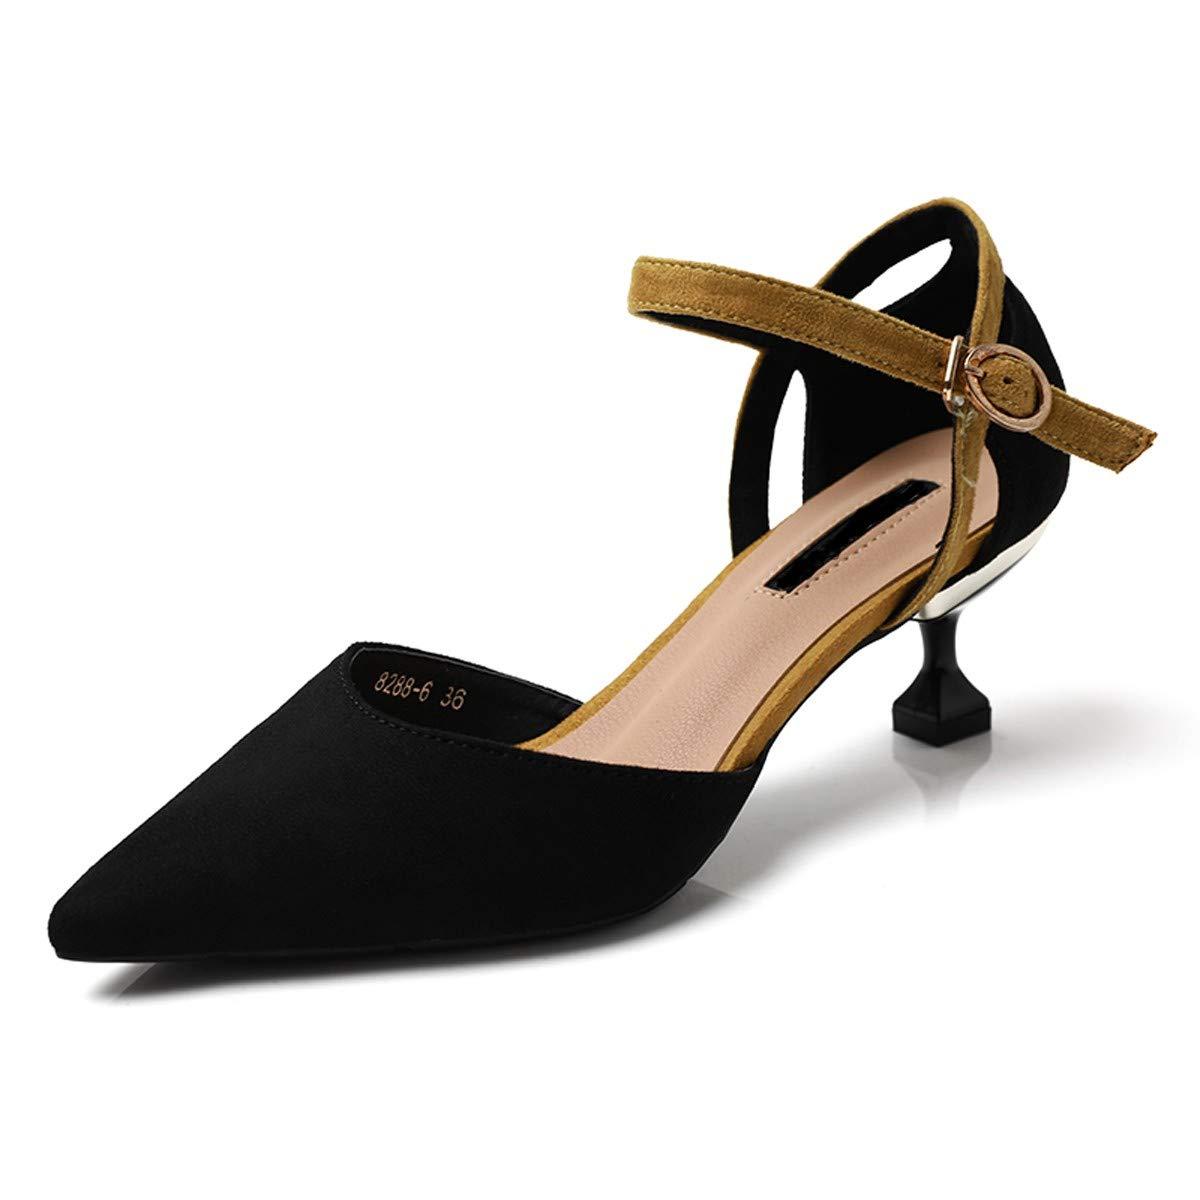 LBTSQ-high Heels 5cm schlank-Heels hohl Schnallen Ein Wort an Nahen Ferse Ferse Katze Temperament-Mode Schuhe